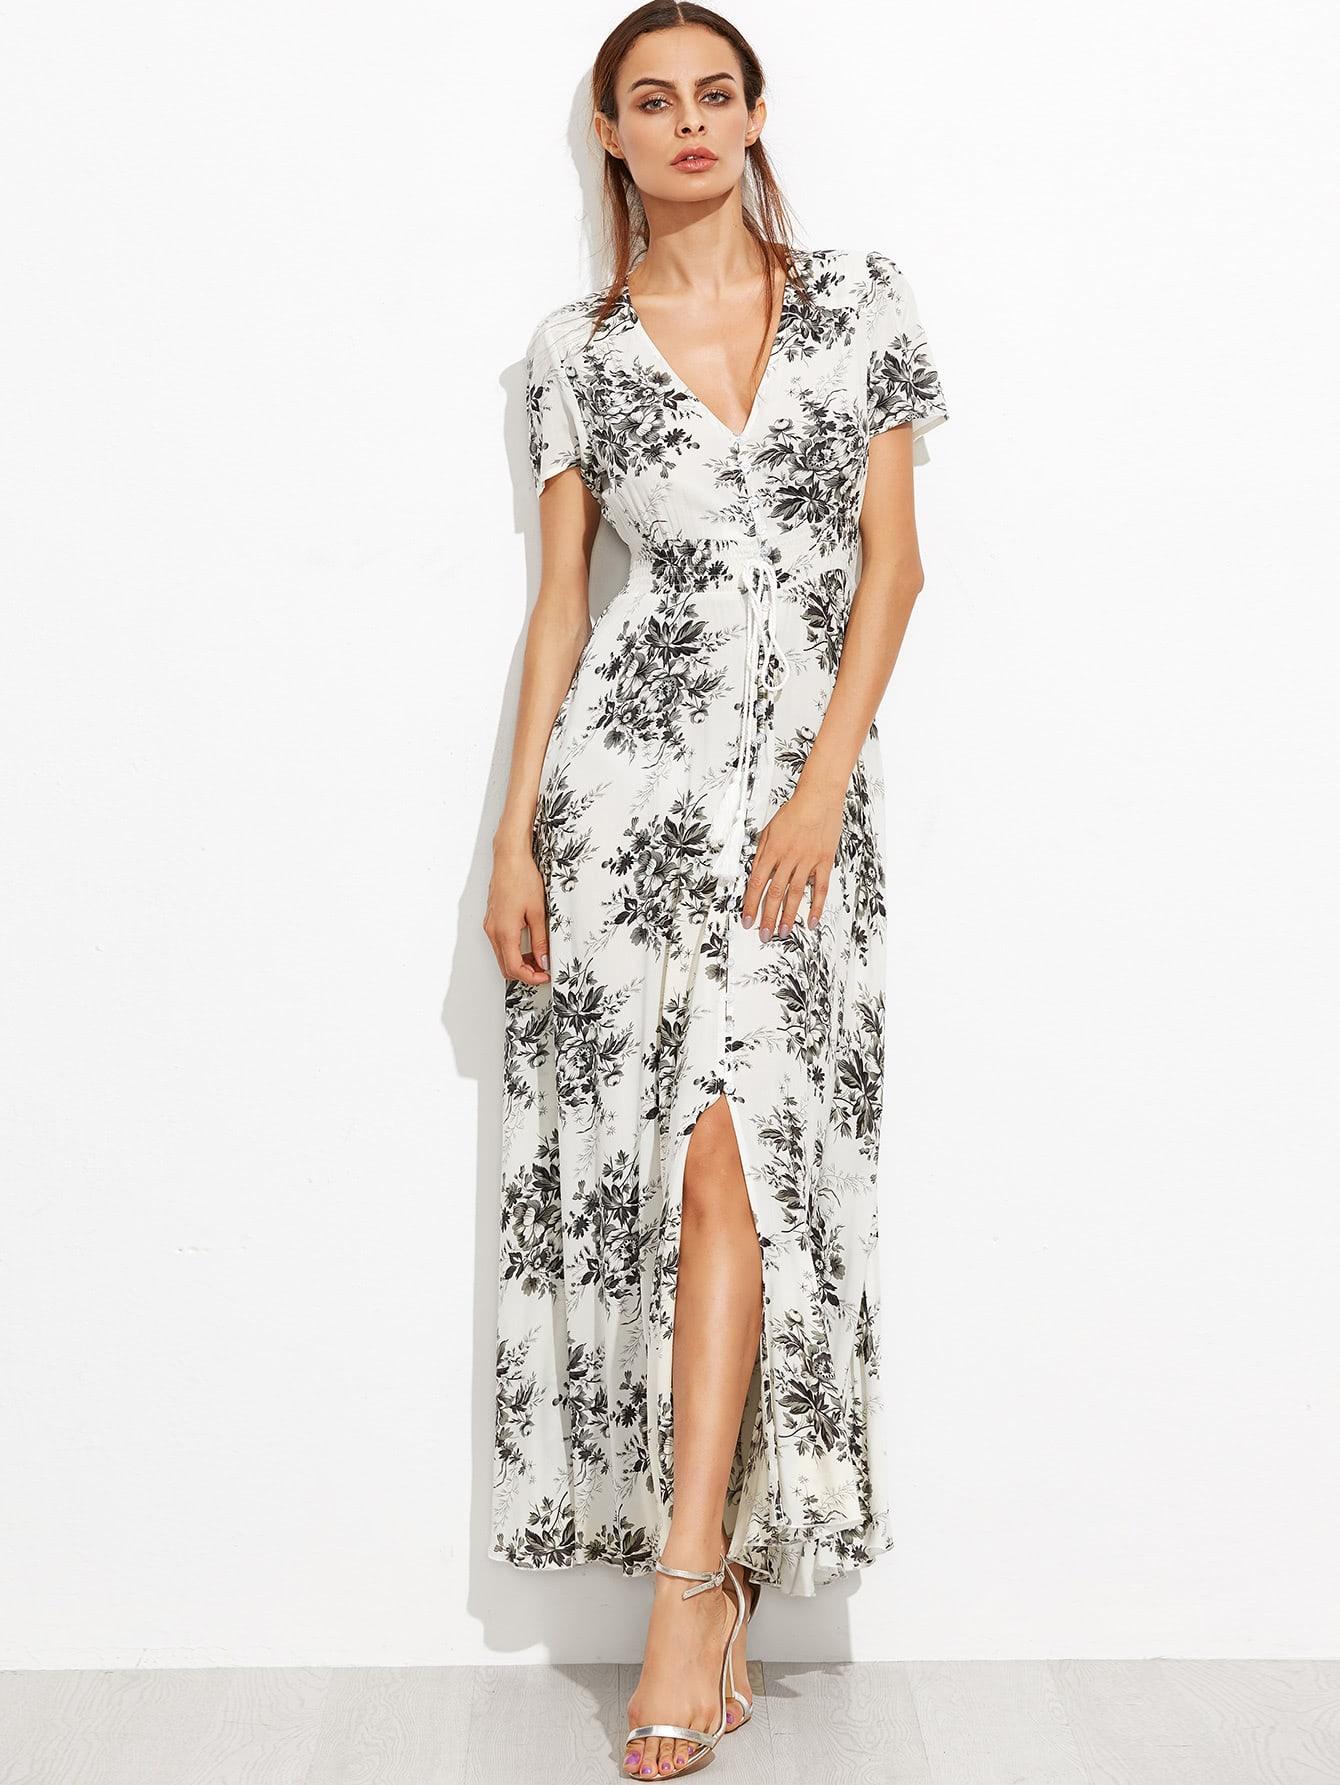 Ditsy Print Plunging V-Neckline Tie Detail Split Front Dress crisscross surplice neckline tie detail tropical print blouse